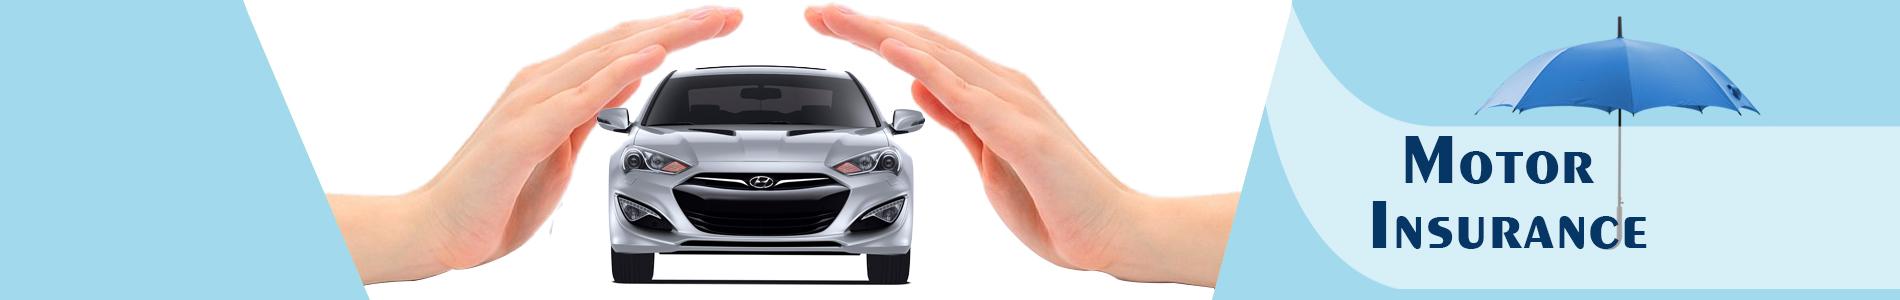 Motor-insurance.jpg